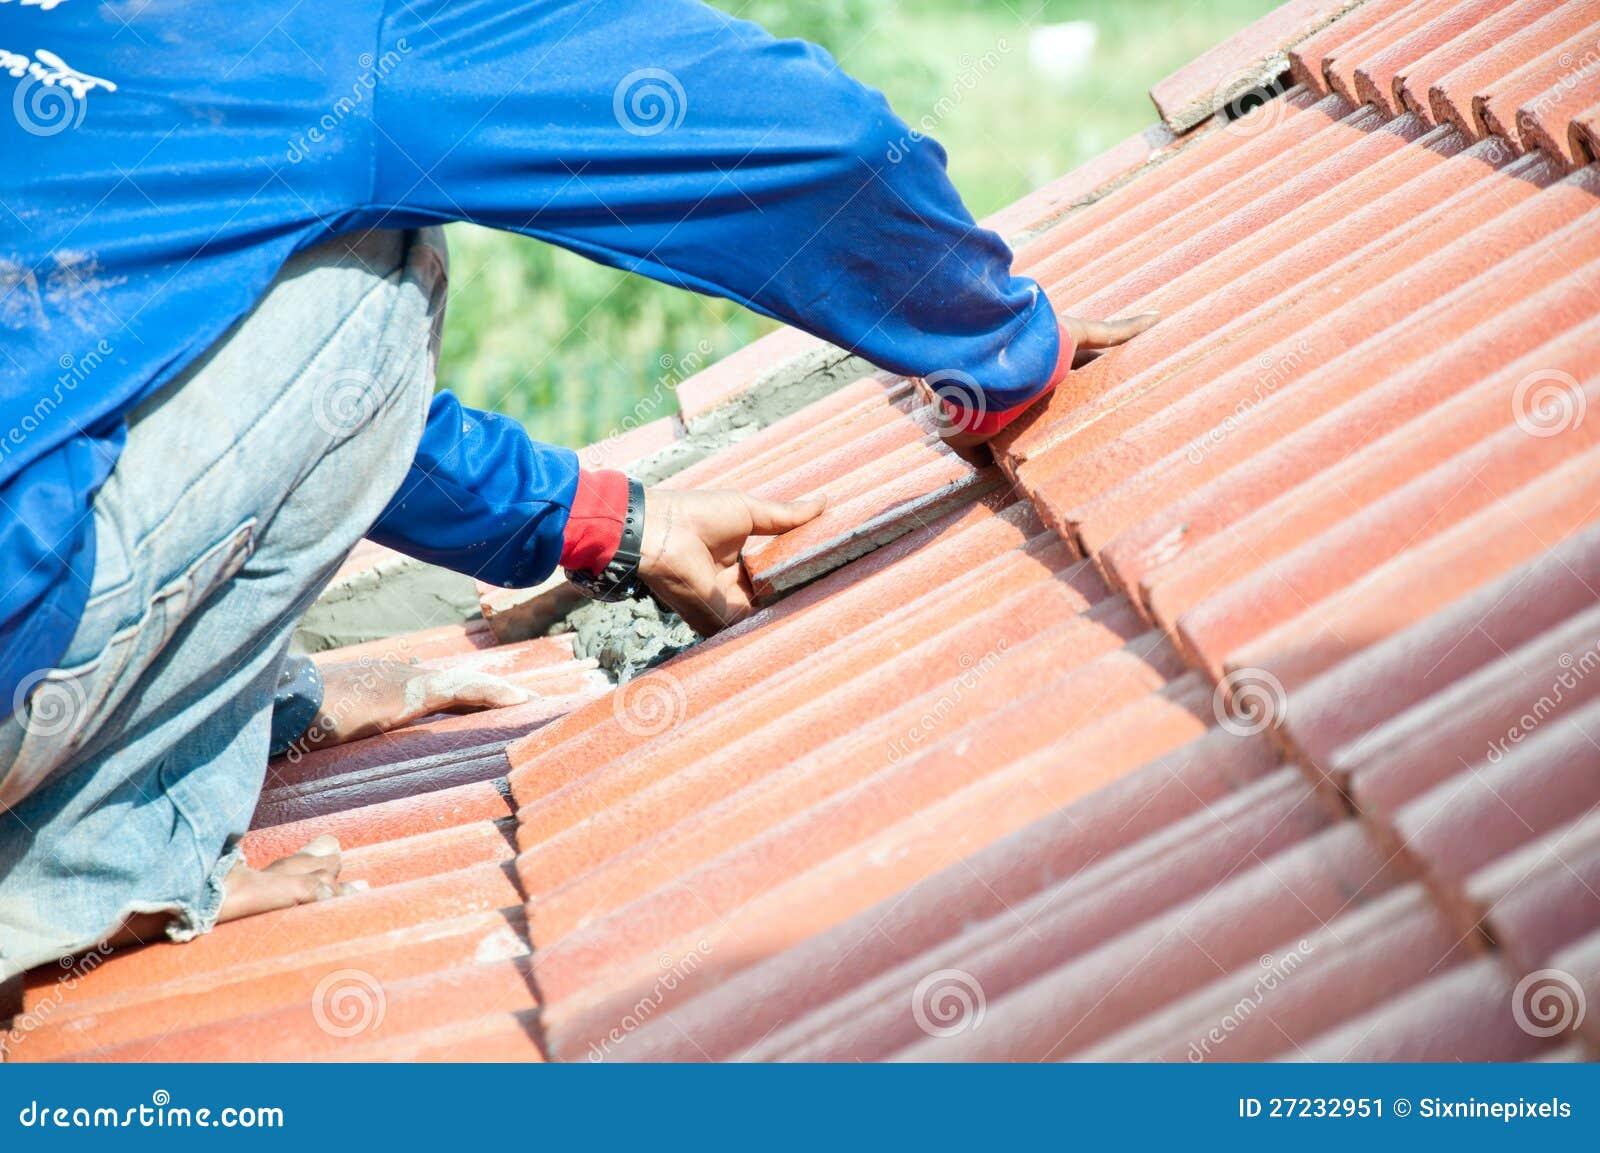 Roof Repair Stock Image Image 27232951